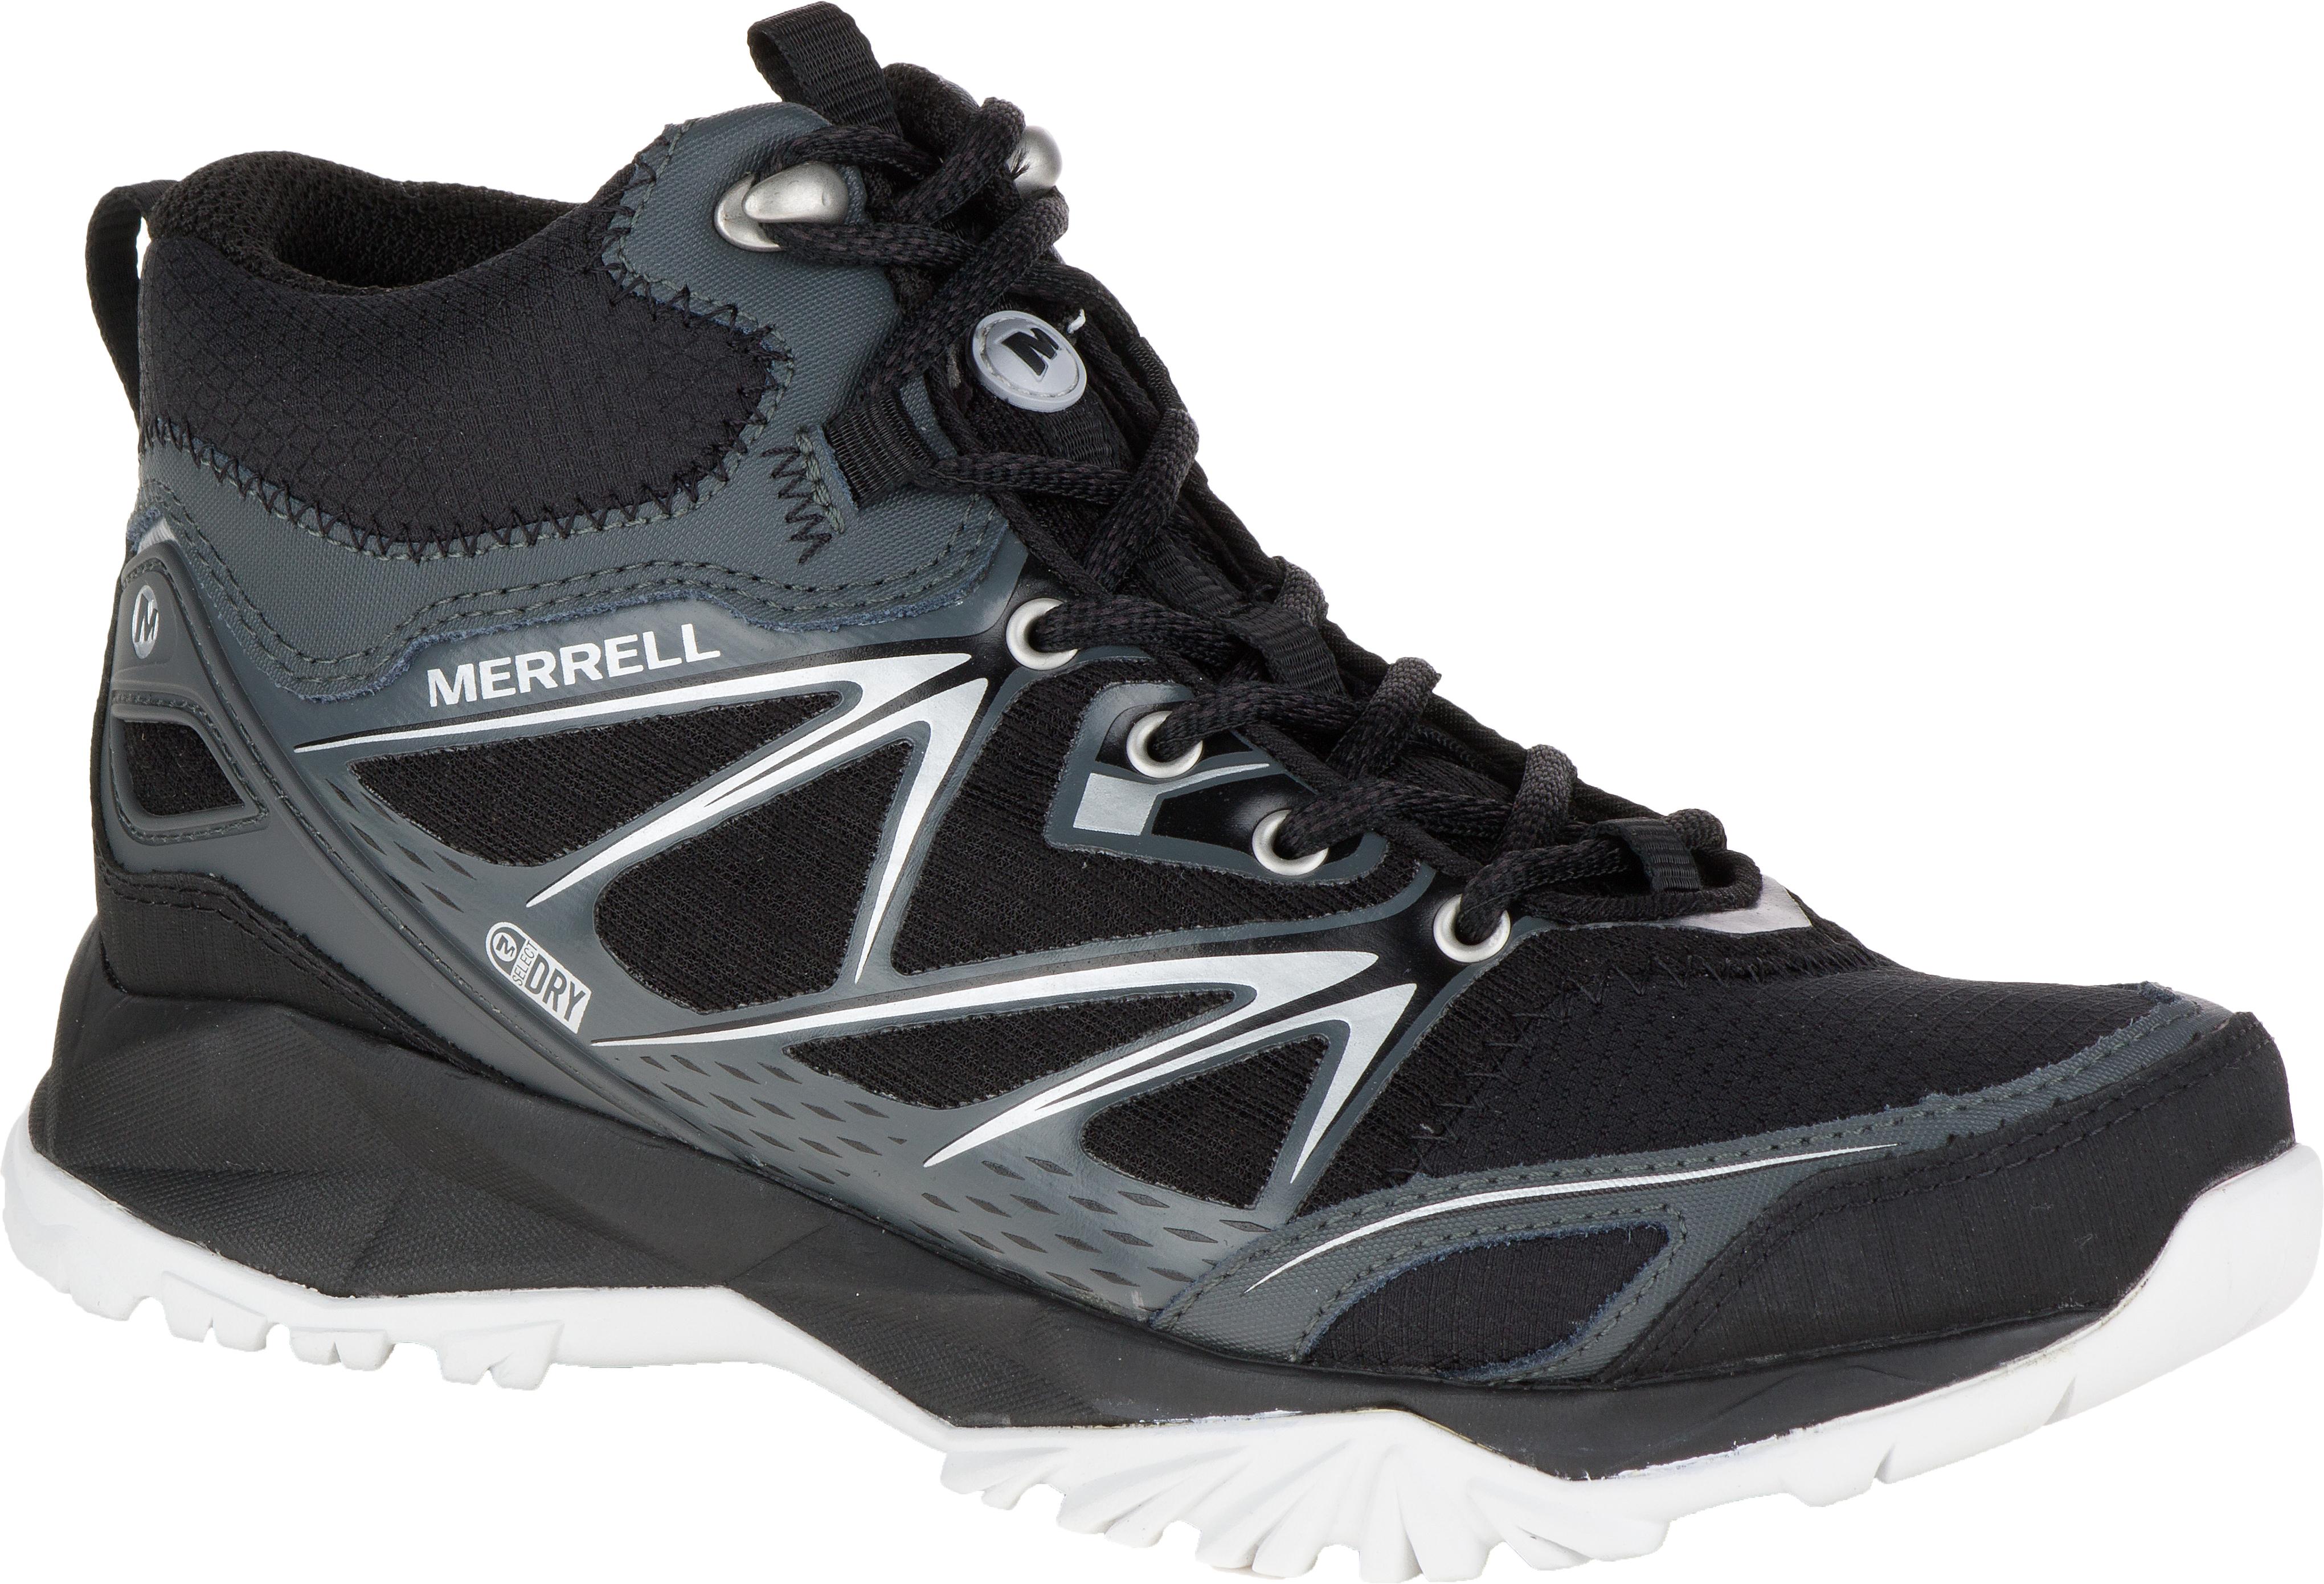 a55784990d85 Merrell Capra Bolt Mid Waterproof Light Trail Shoes - Women s